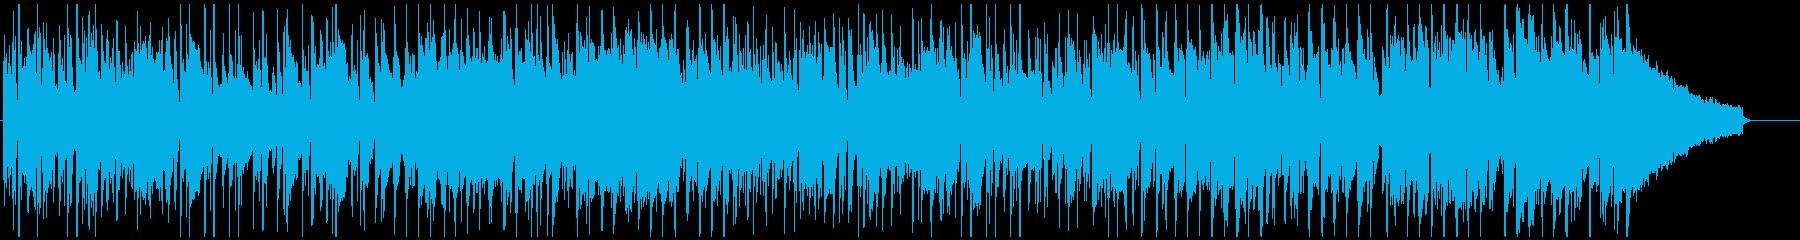 エキサイティングでクールなクラブジャズの再生済みの波形